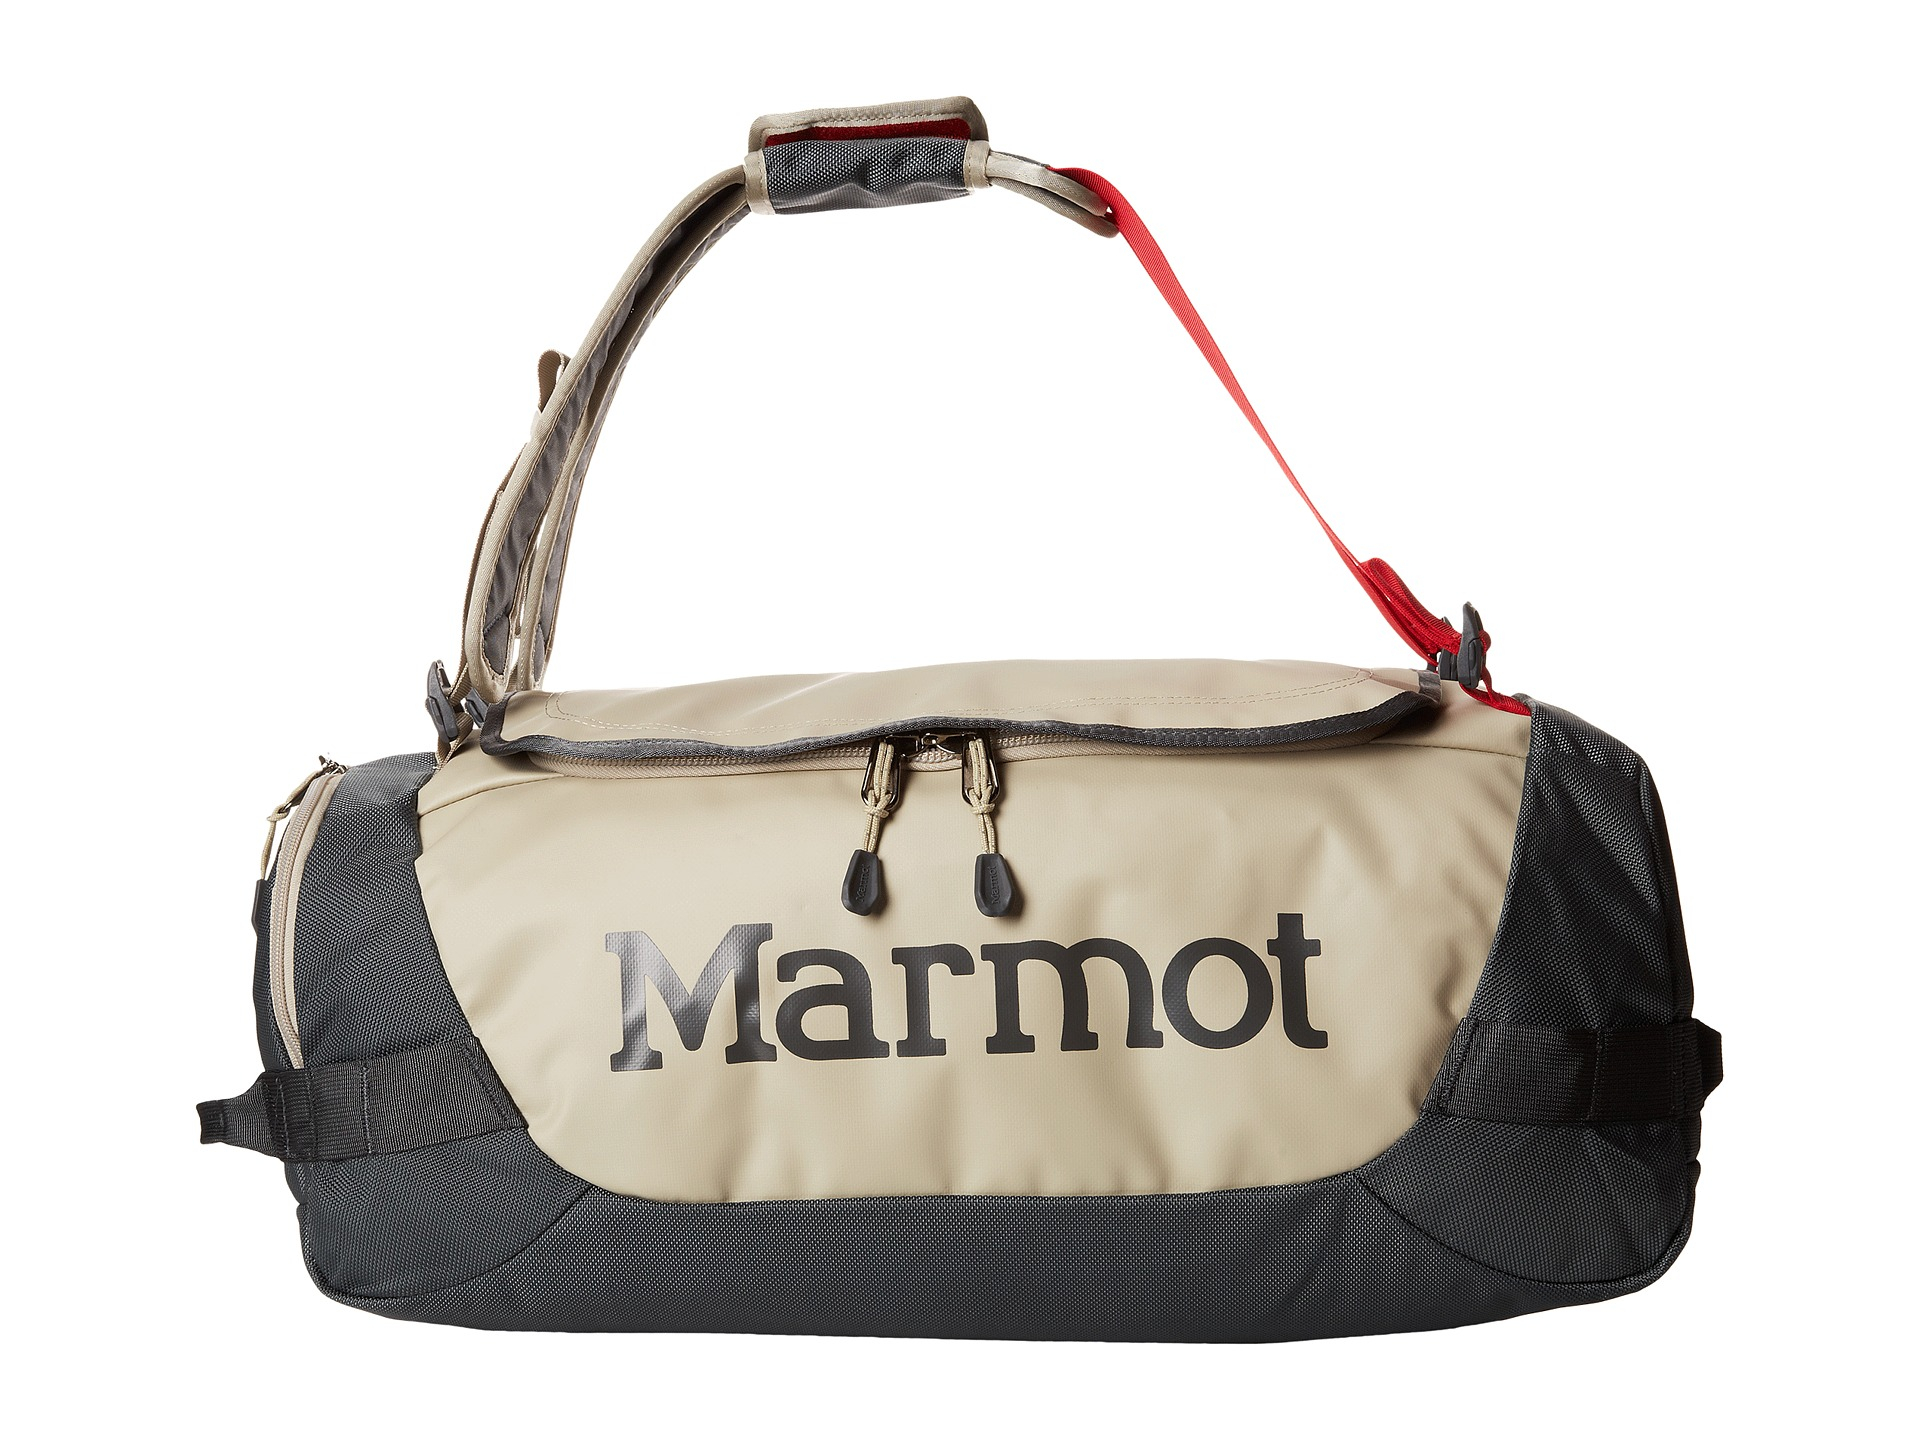 0e6913cc3f Lyst - Marmot Long Hauler Duffle Bag - Small in Natural